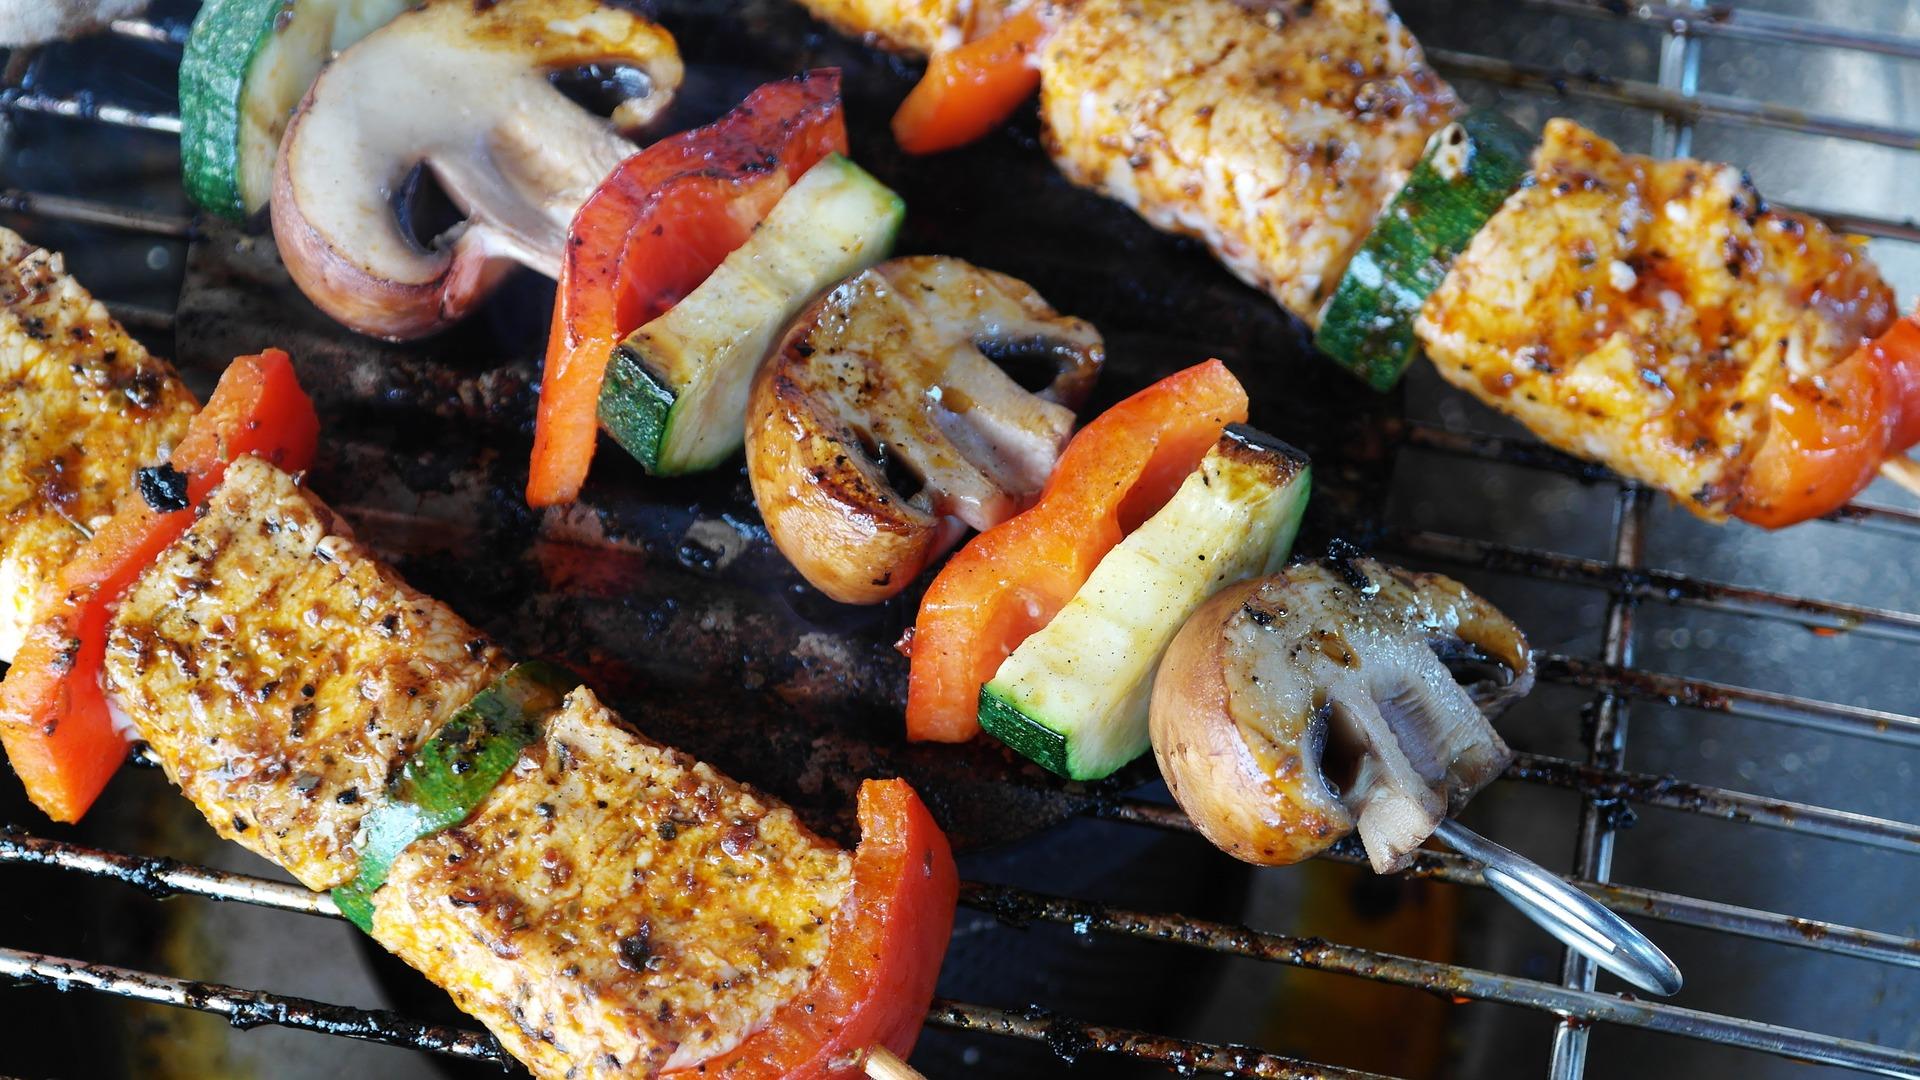 Dieta Paleo Como Fazer - 6 Perguntas e Respostas